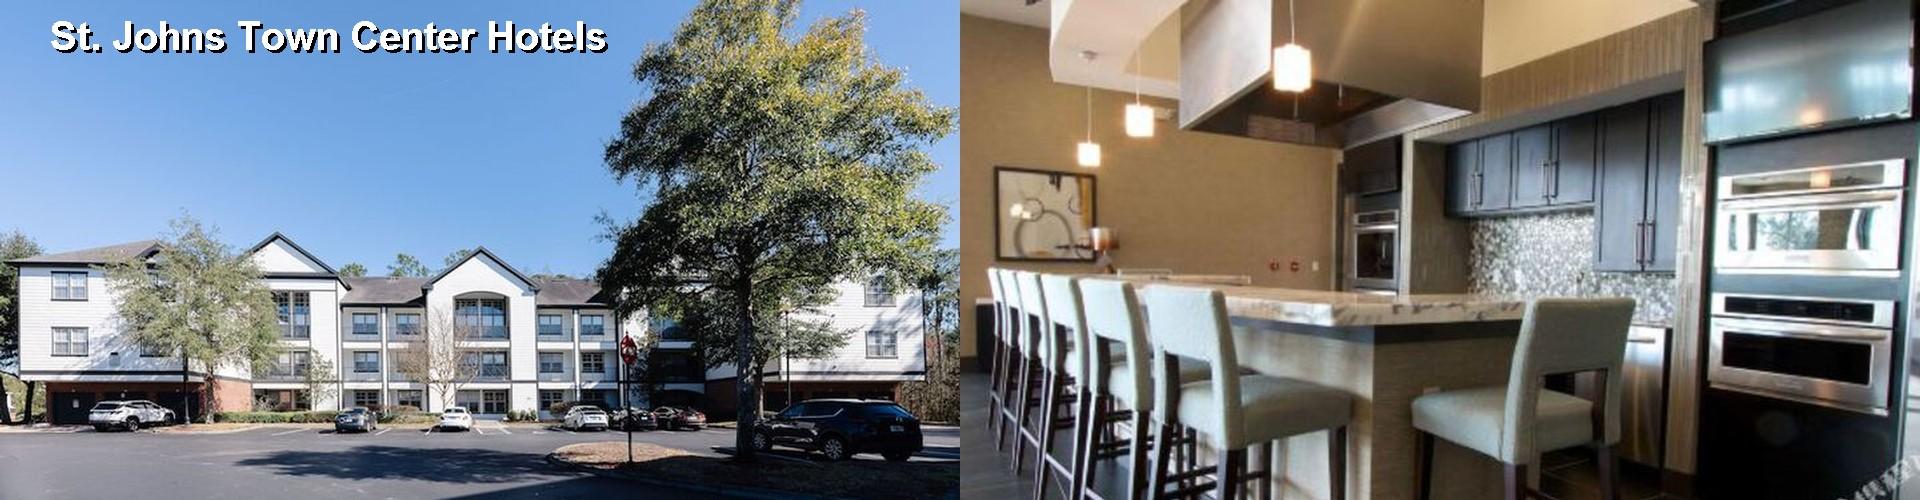 5 Best Hotels Near St Johns Town Center